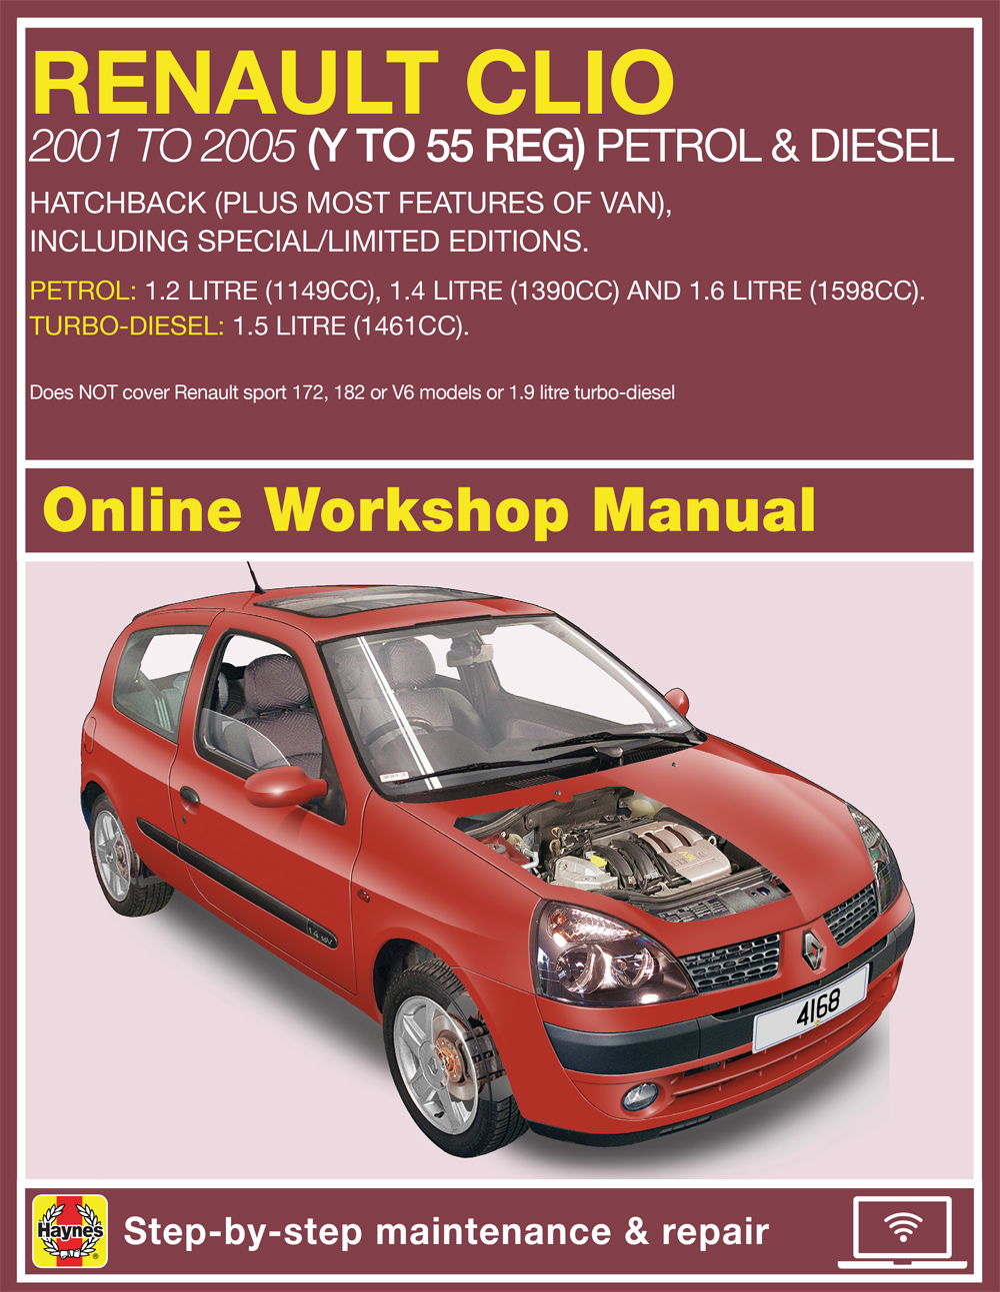 renault clio petrol and diesel jun 01 05 y to 55 haynes online rh haynes com renault clio 182 manual clio sport 182 manual